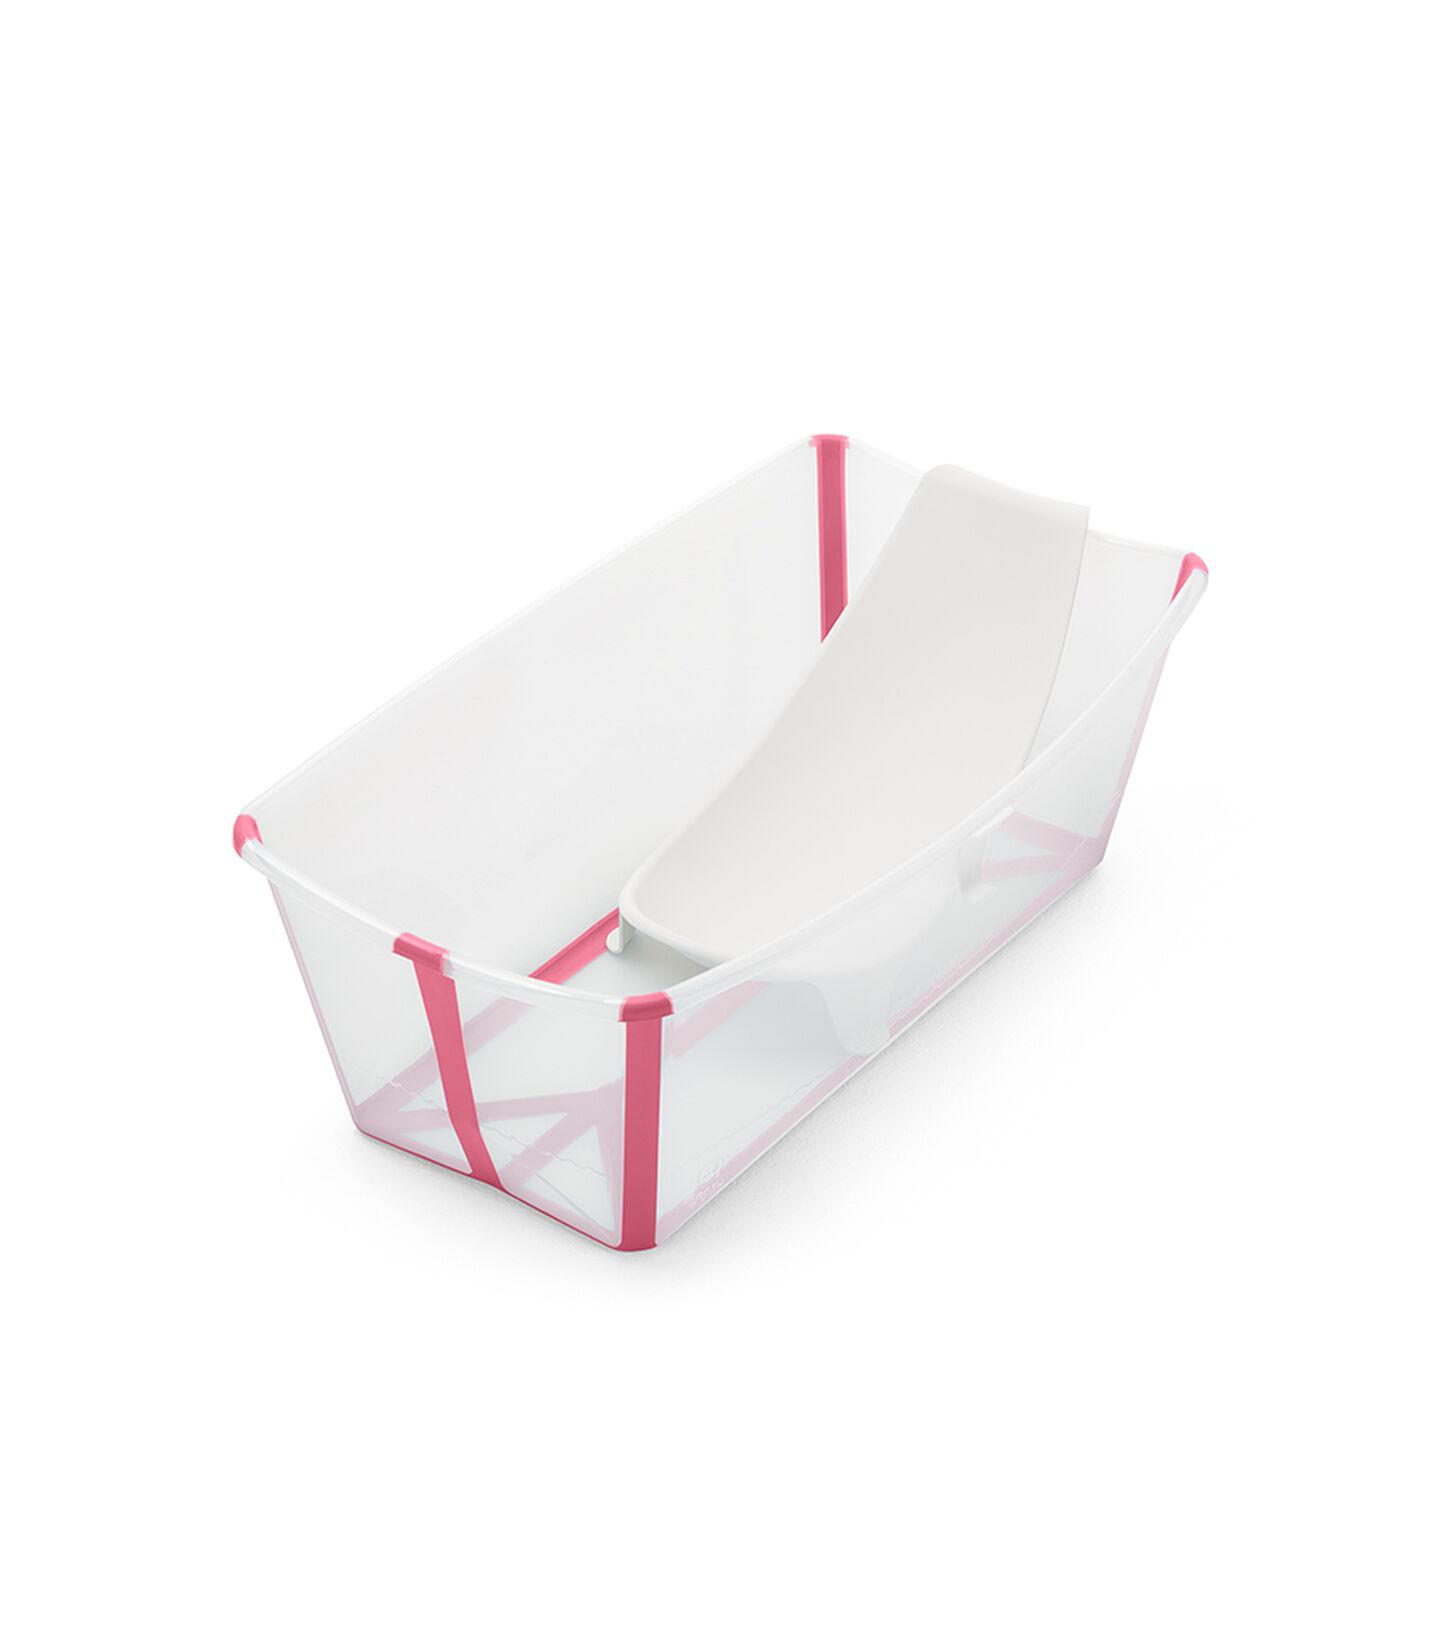 Stokke® Flexi Bath® Heat Bundle Transparent Pink, Transparent Pink, mainview view 1